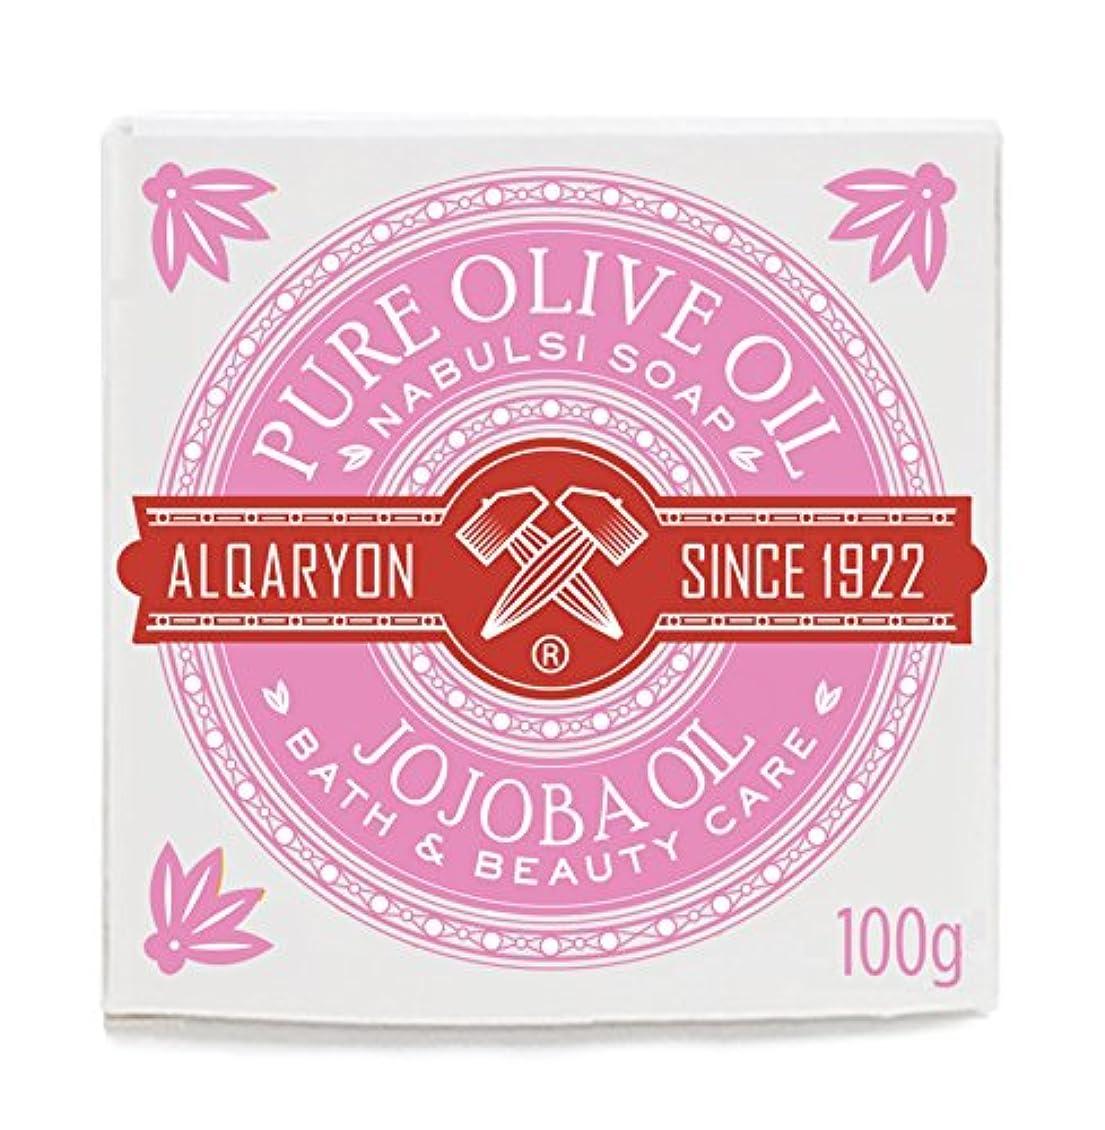 スパイジョージエリオット好意Alqaryon Jojoba Oil & Olive Oil Bar Soaps, Pack of 4 Bars 100g - Alqaryonのホホバ オイルとオリーブオイル ソープ、バス & ビューティー ケア、100g...